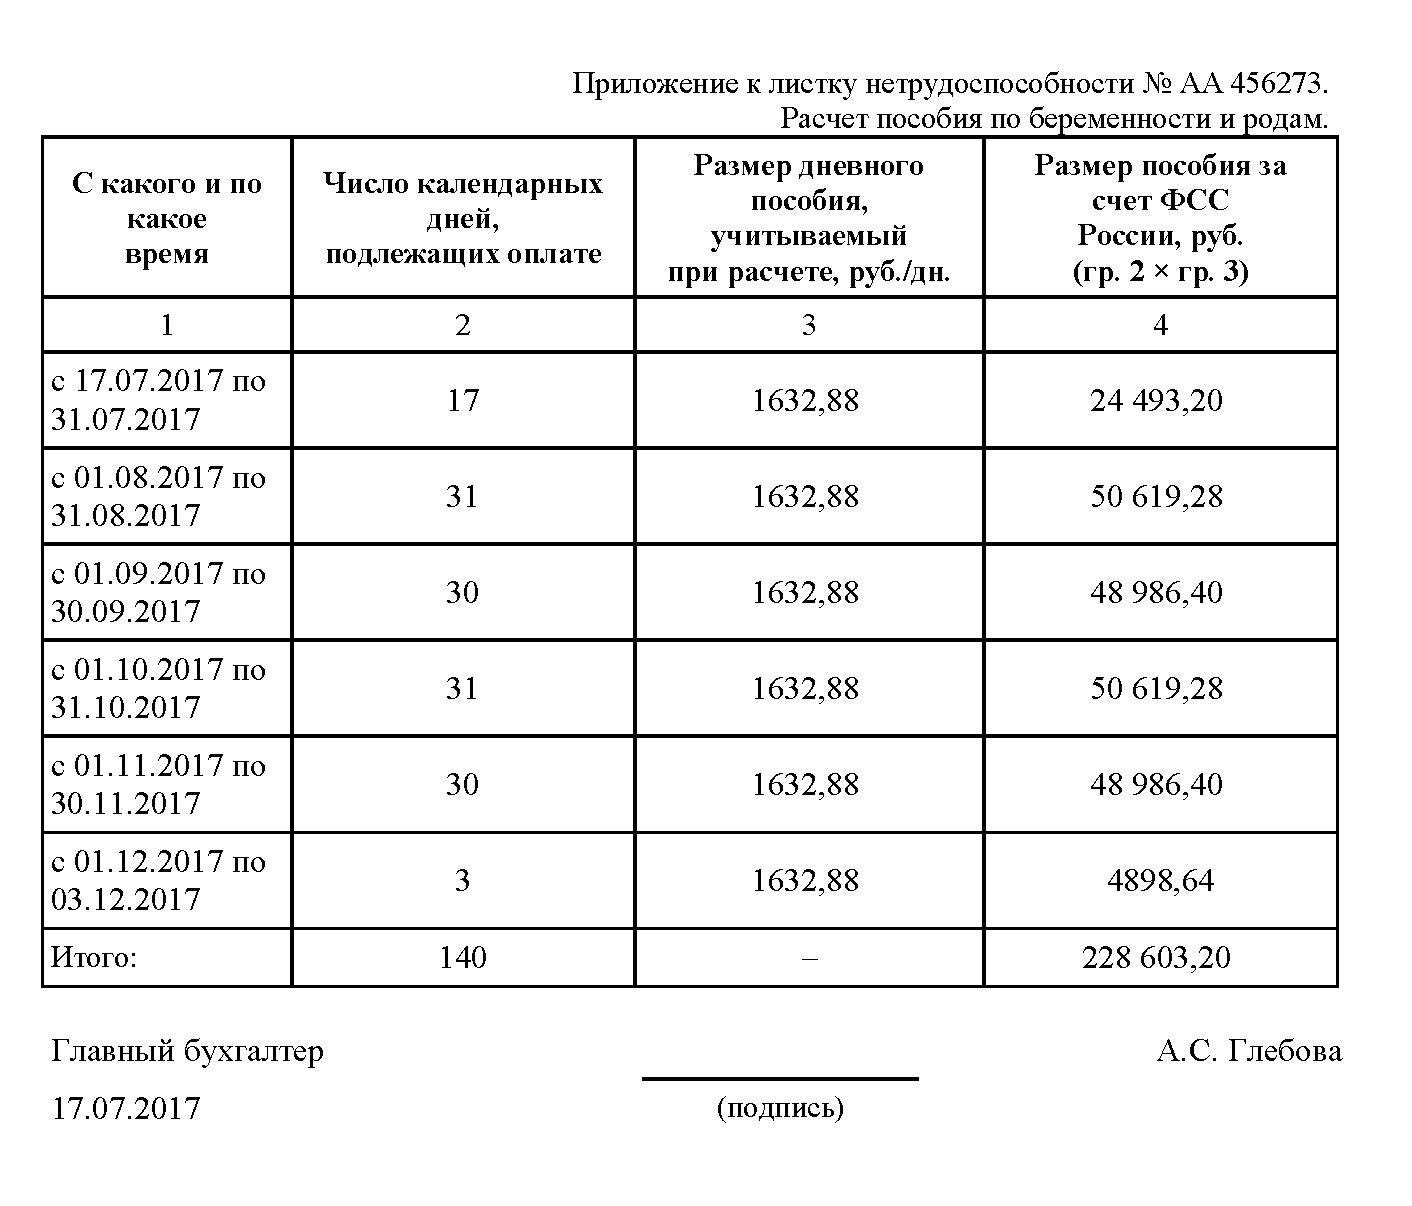 Минимальная выплата по беременности и родам в 2017 году